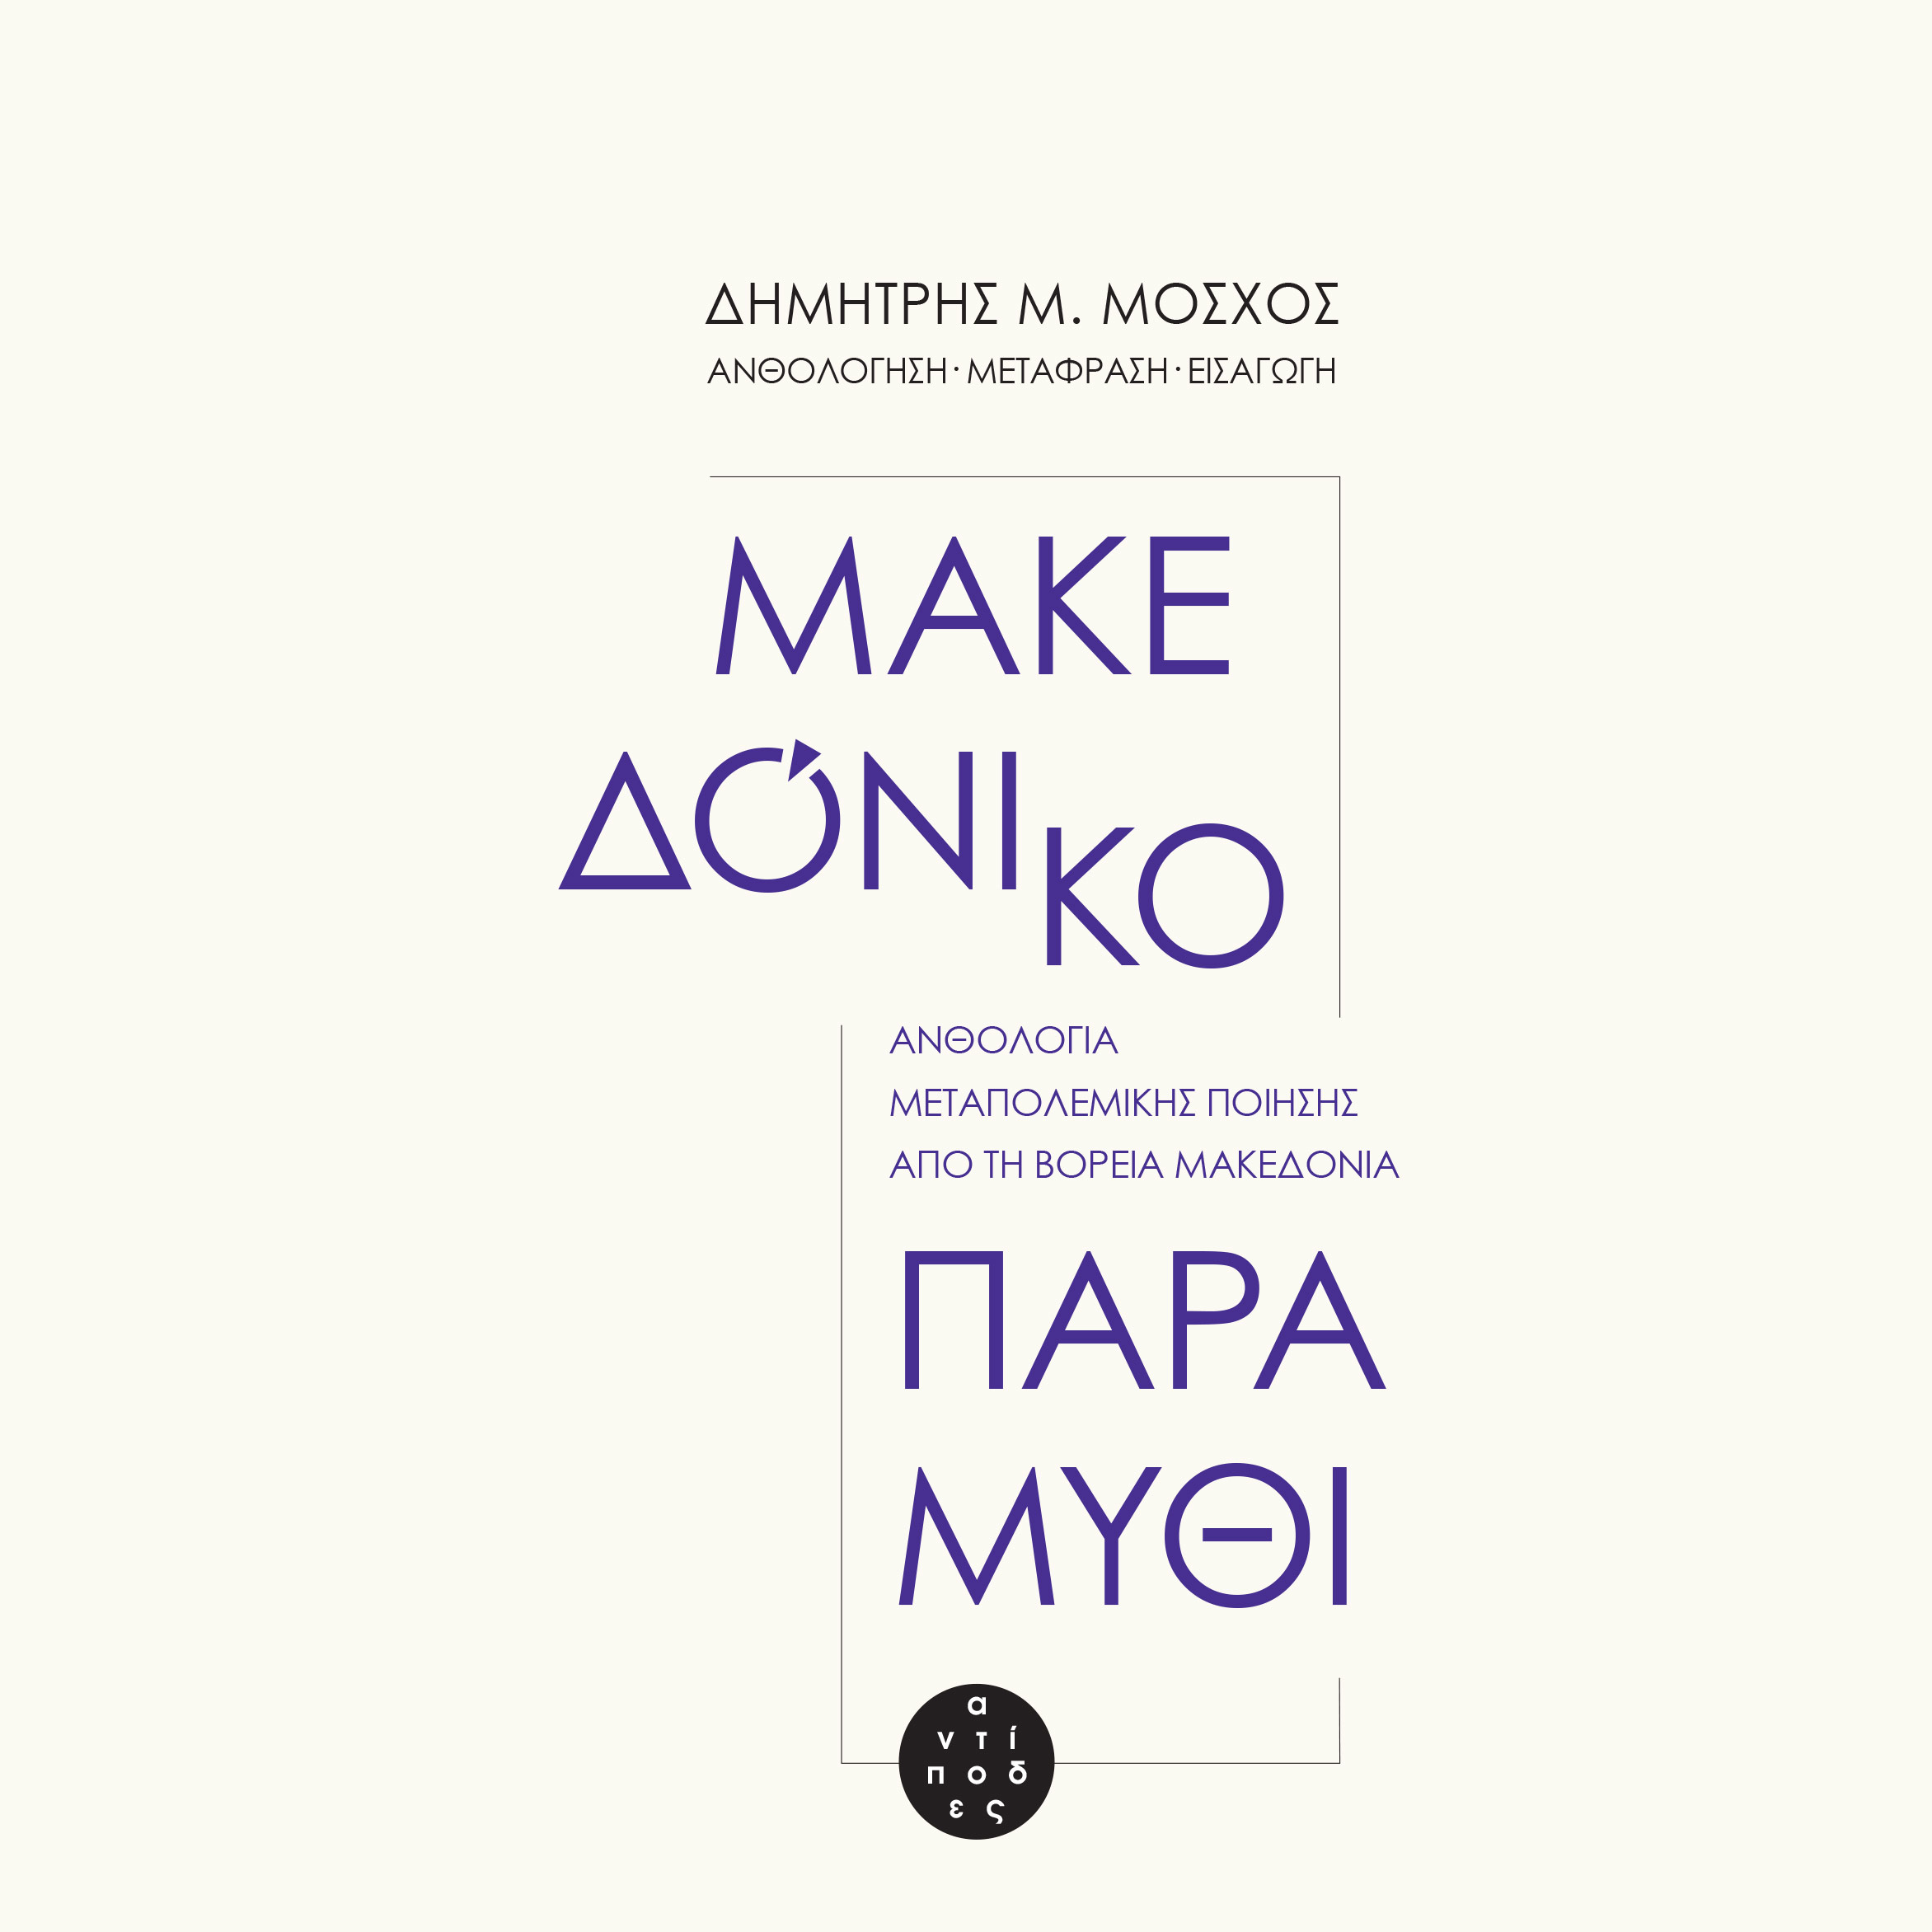 Μακεδόνικο παραμύθι